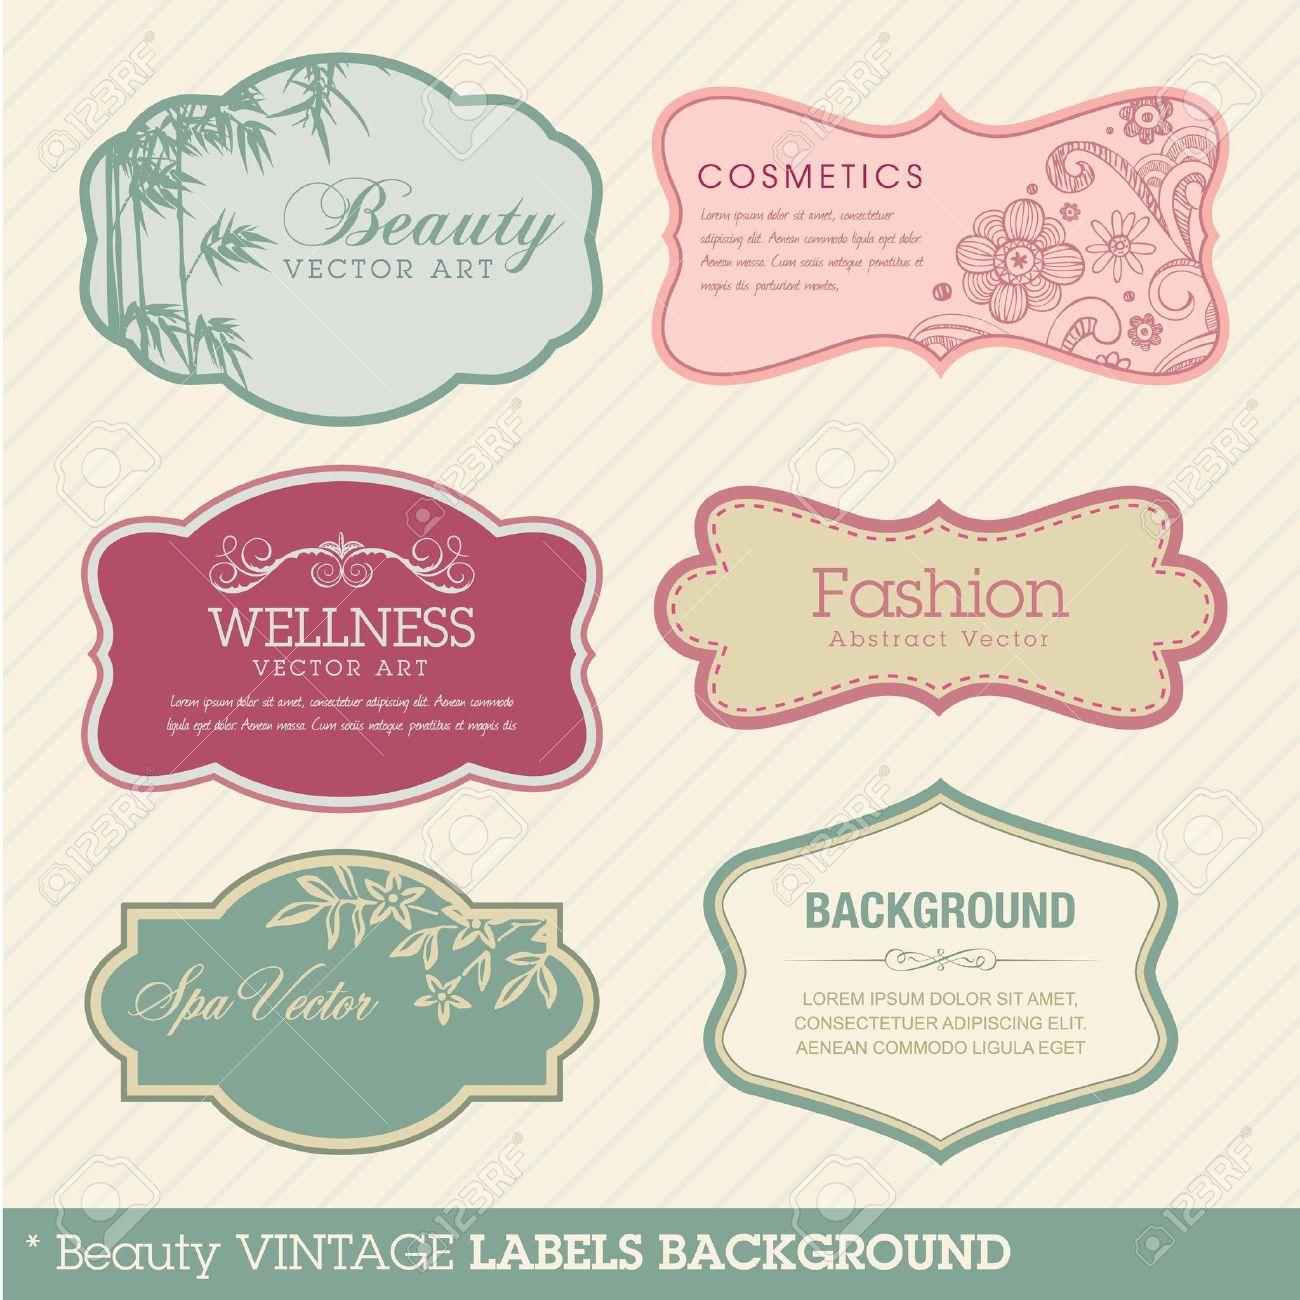 Beauty vintage labels - 10377339